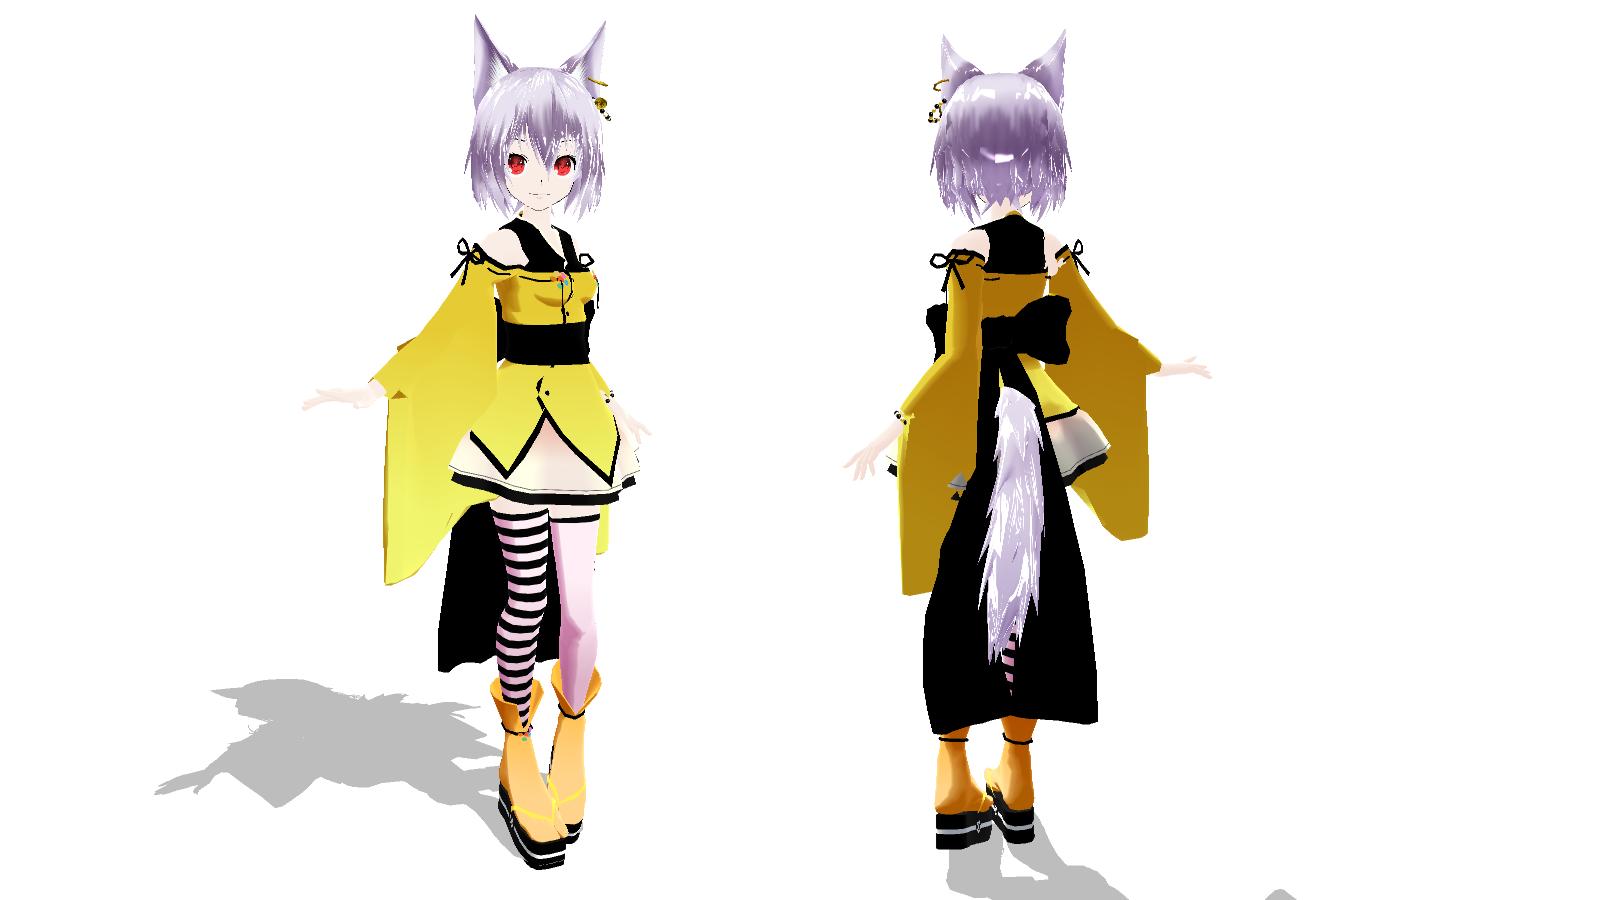 nerd halloween outfit ideas